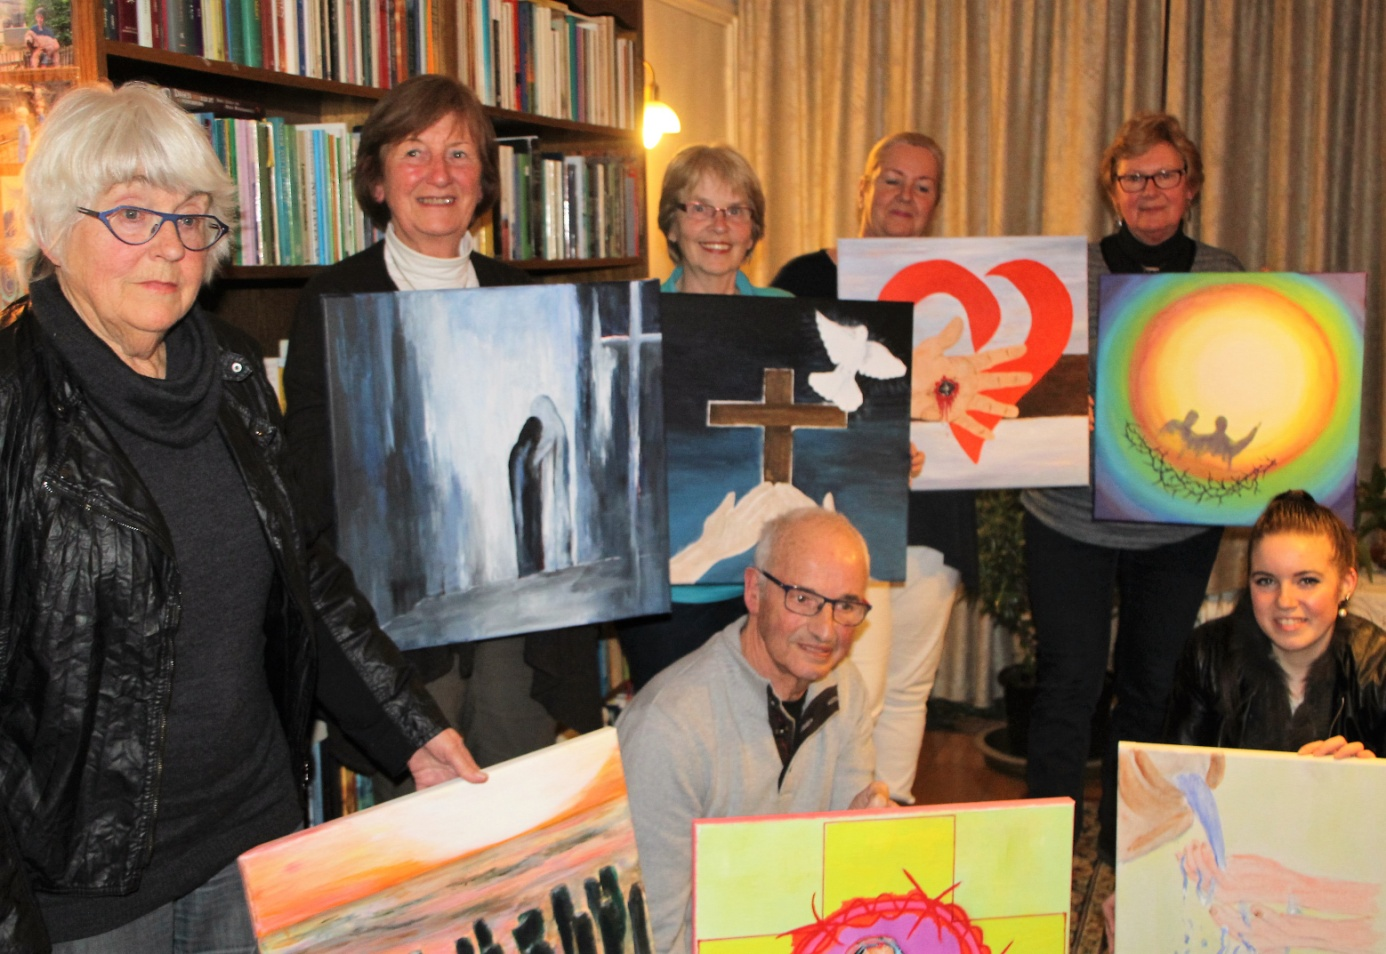 Tineke Schouten, Hannie van Dongen, Truus den Rooijen, Piet van Drongelen, Corine Schaap, Toos Fennema en Lisa de Rooij